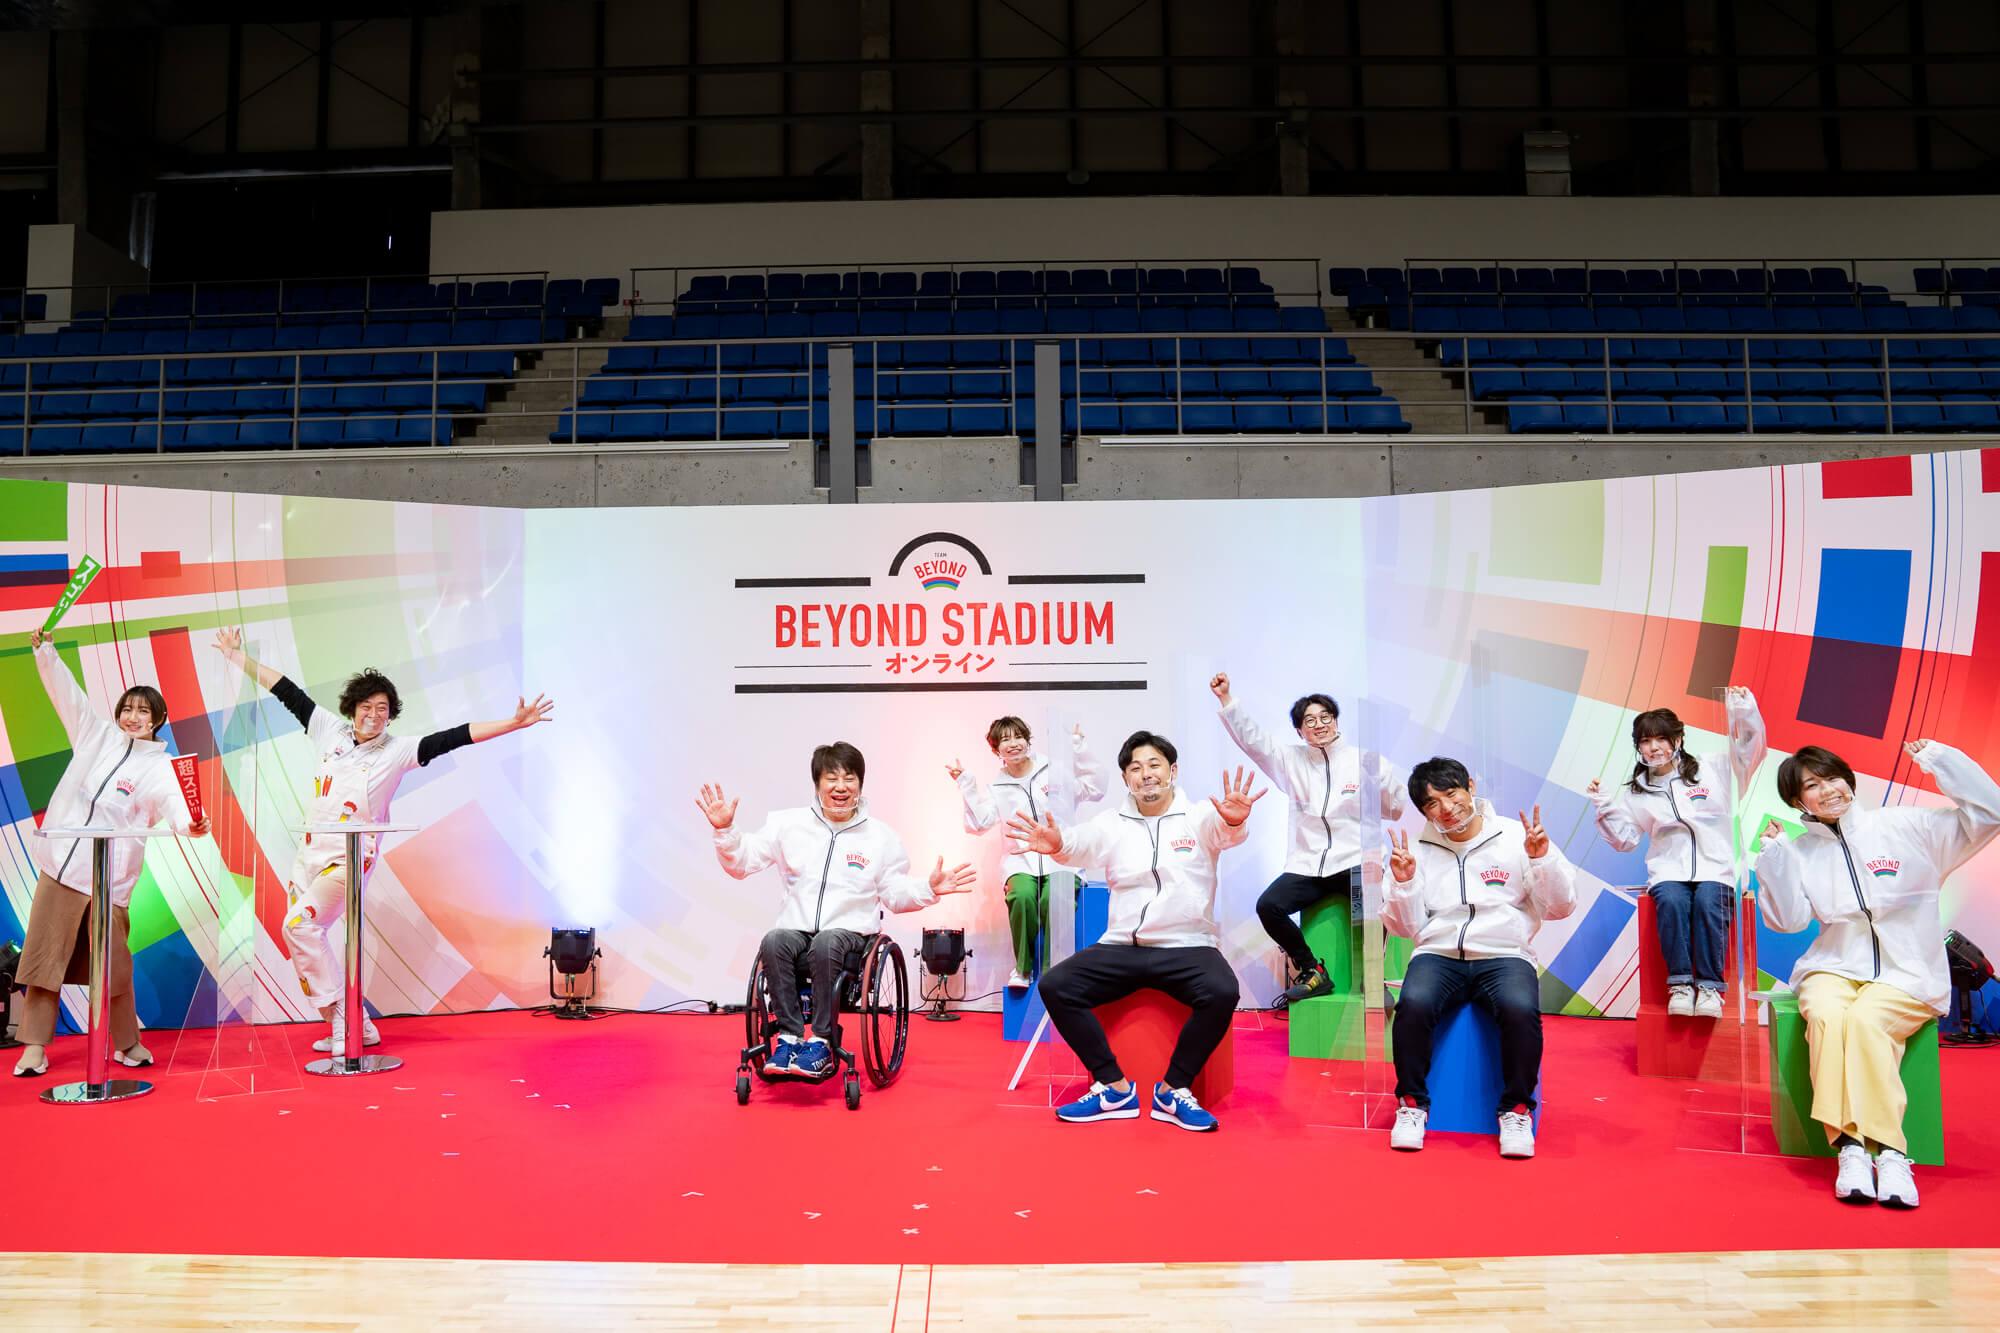 〜全員最前列!パラスポーツを間近に〜「BEYOND STADIUMオンライン」レポート